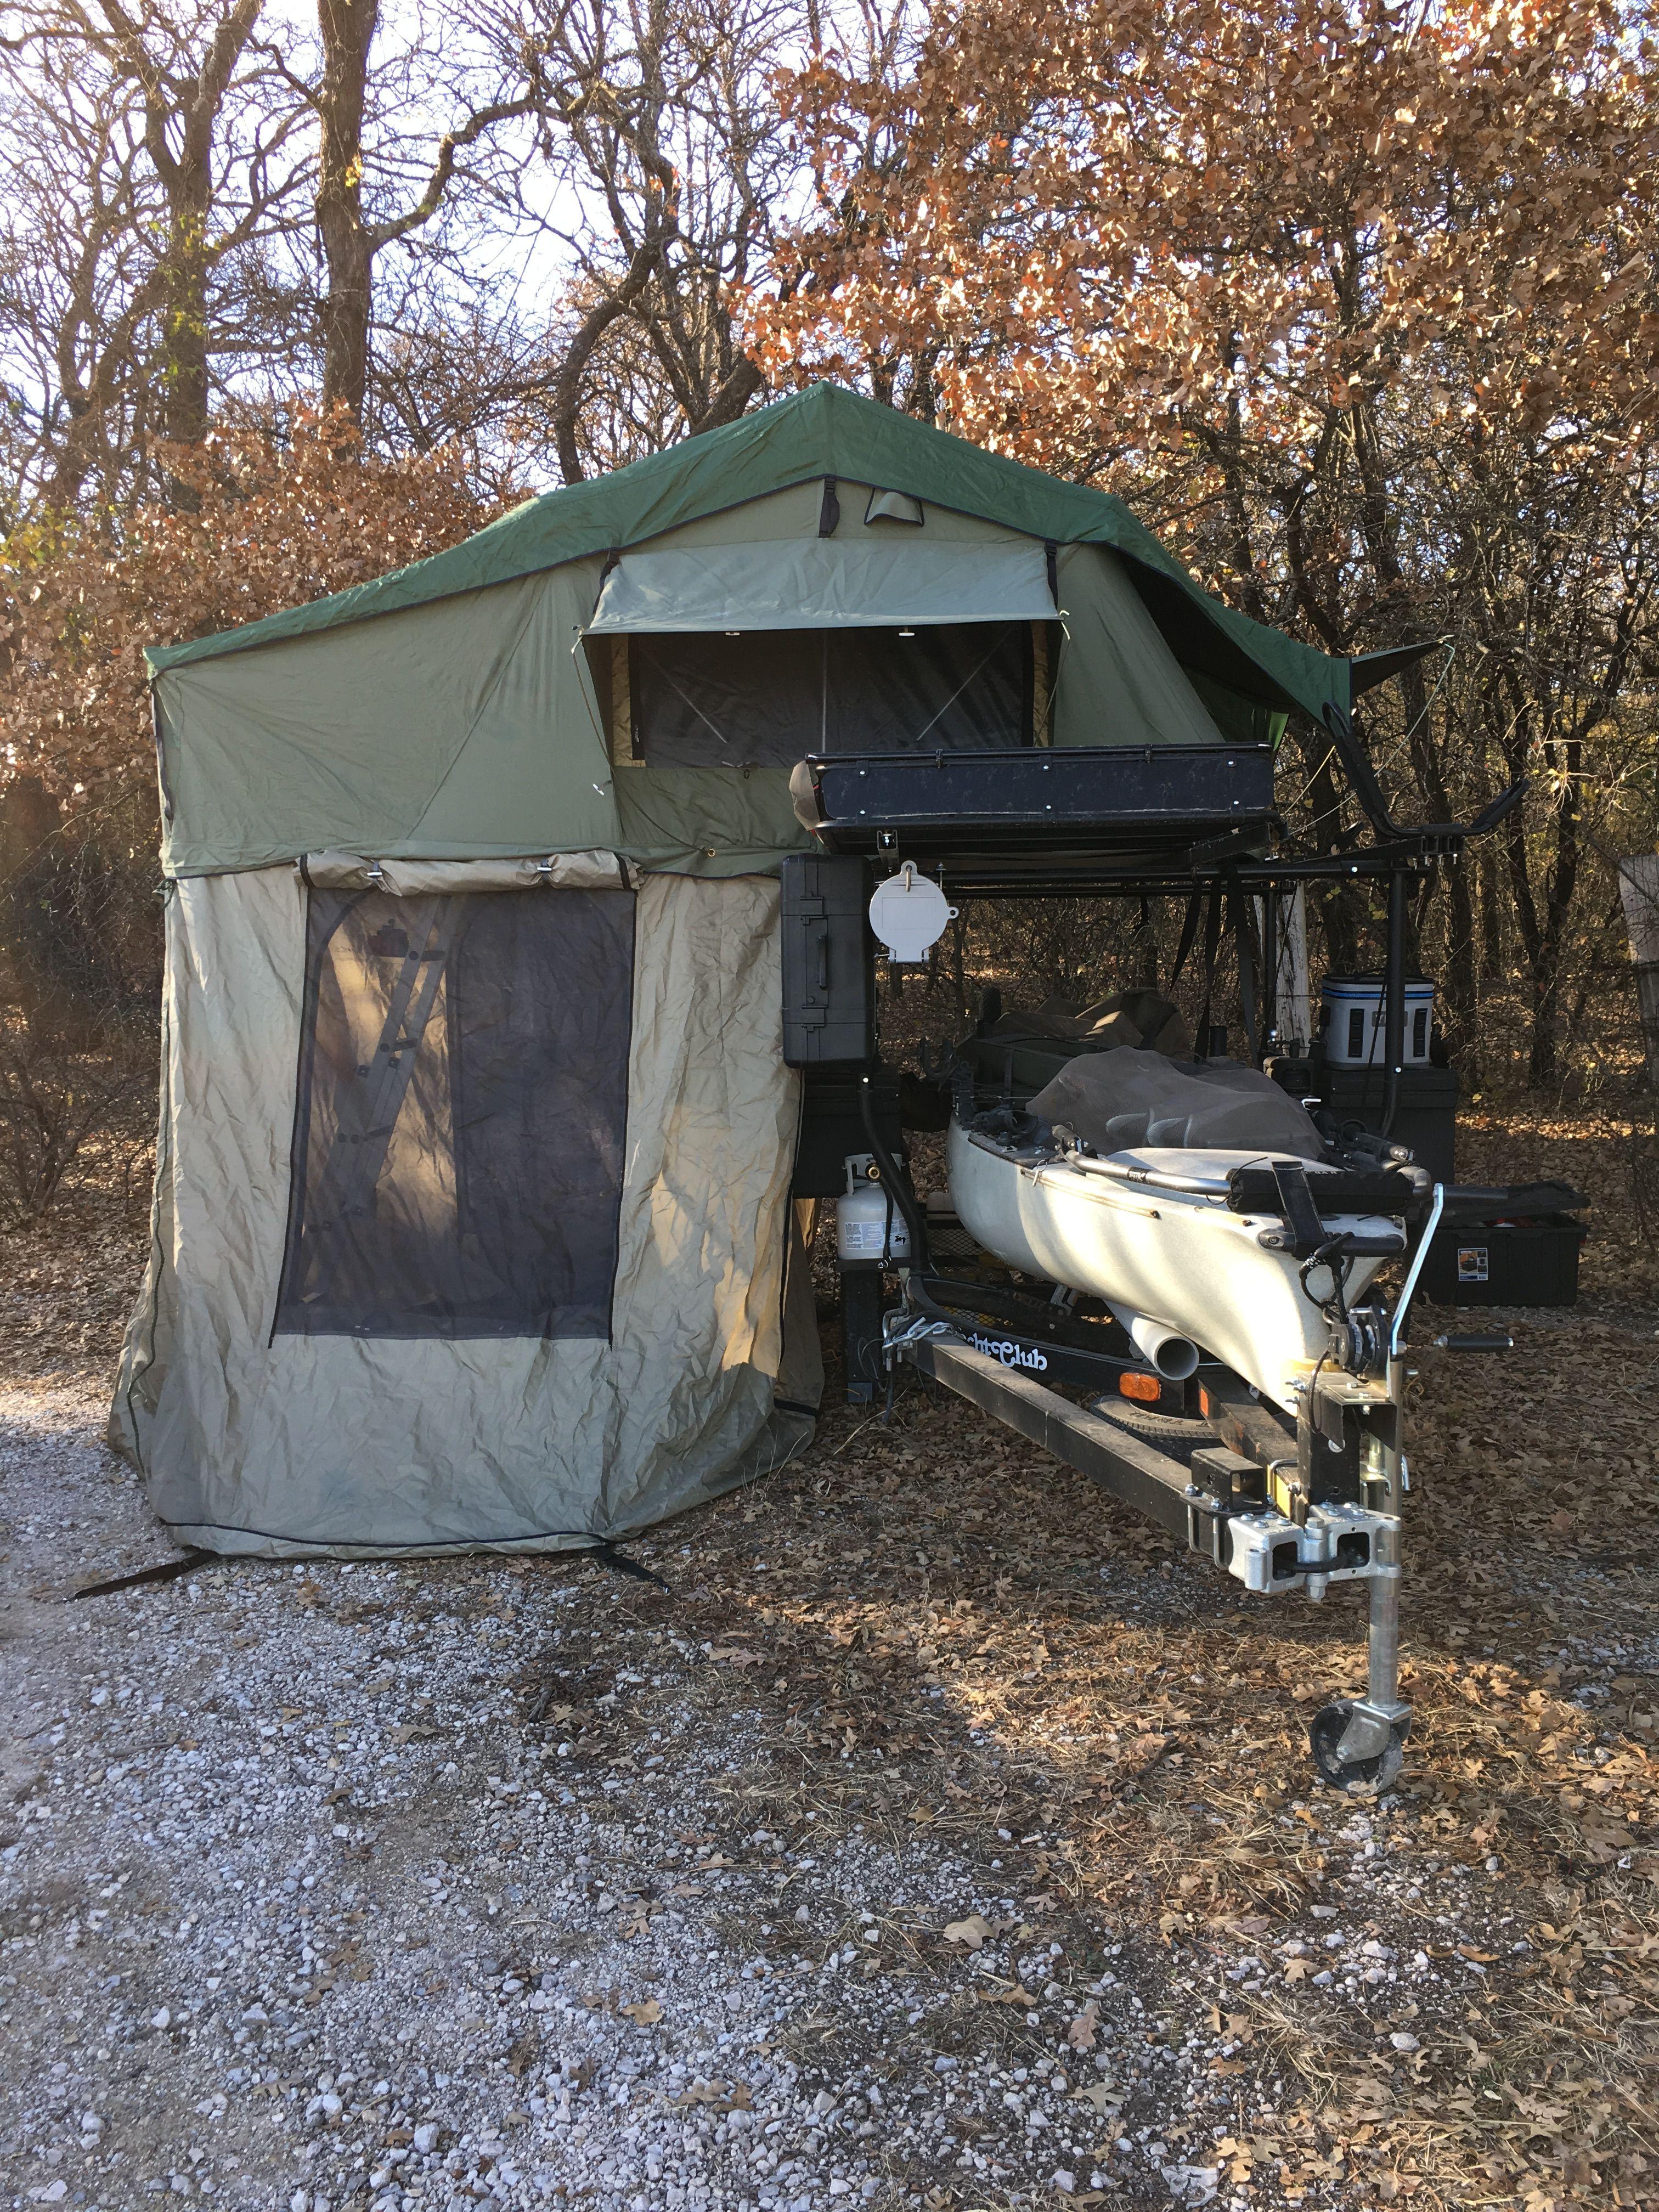 Pin By Dale Kildal On Kayak Roof Top Tent Rtt Canoe And Kayak Kayaking Kayak Trailer